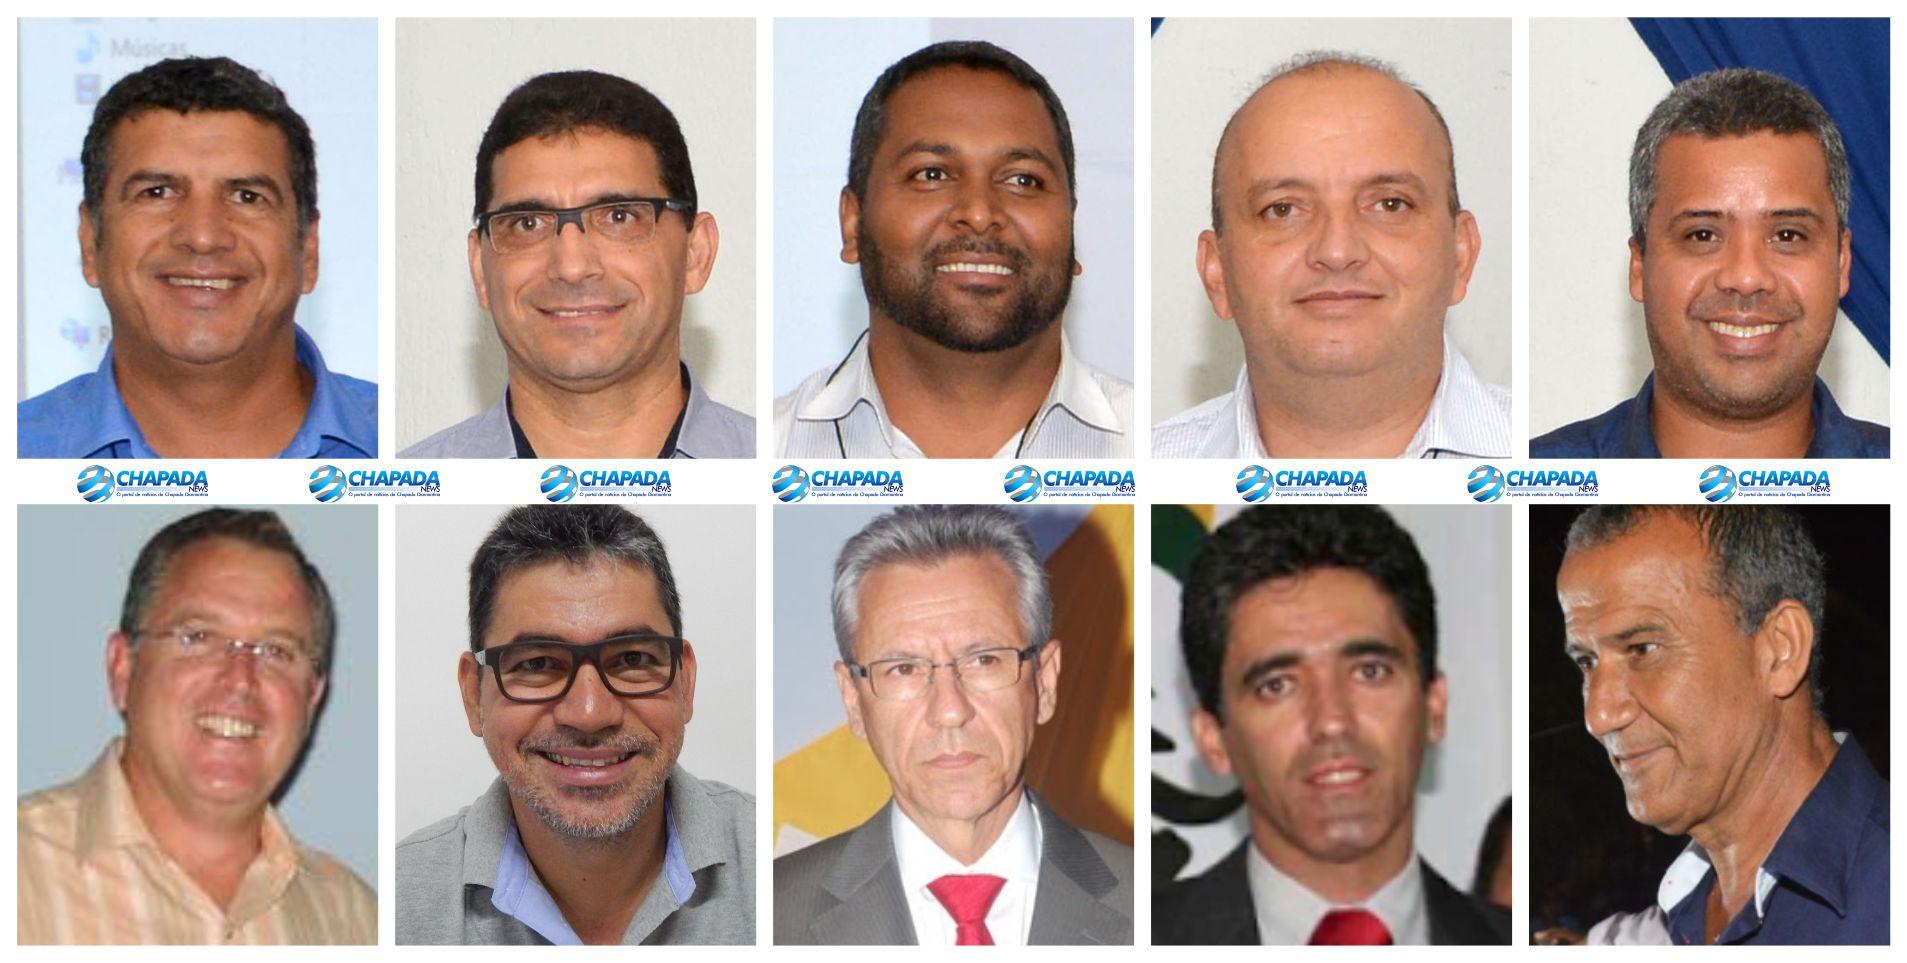 Na Chapada Diamantina a maioria absoluta dos prefeitos eleitos serão diplomados esta semana. (Foto/ Montagem CN/Internet)